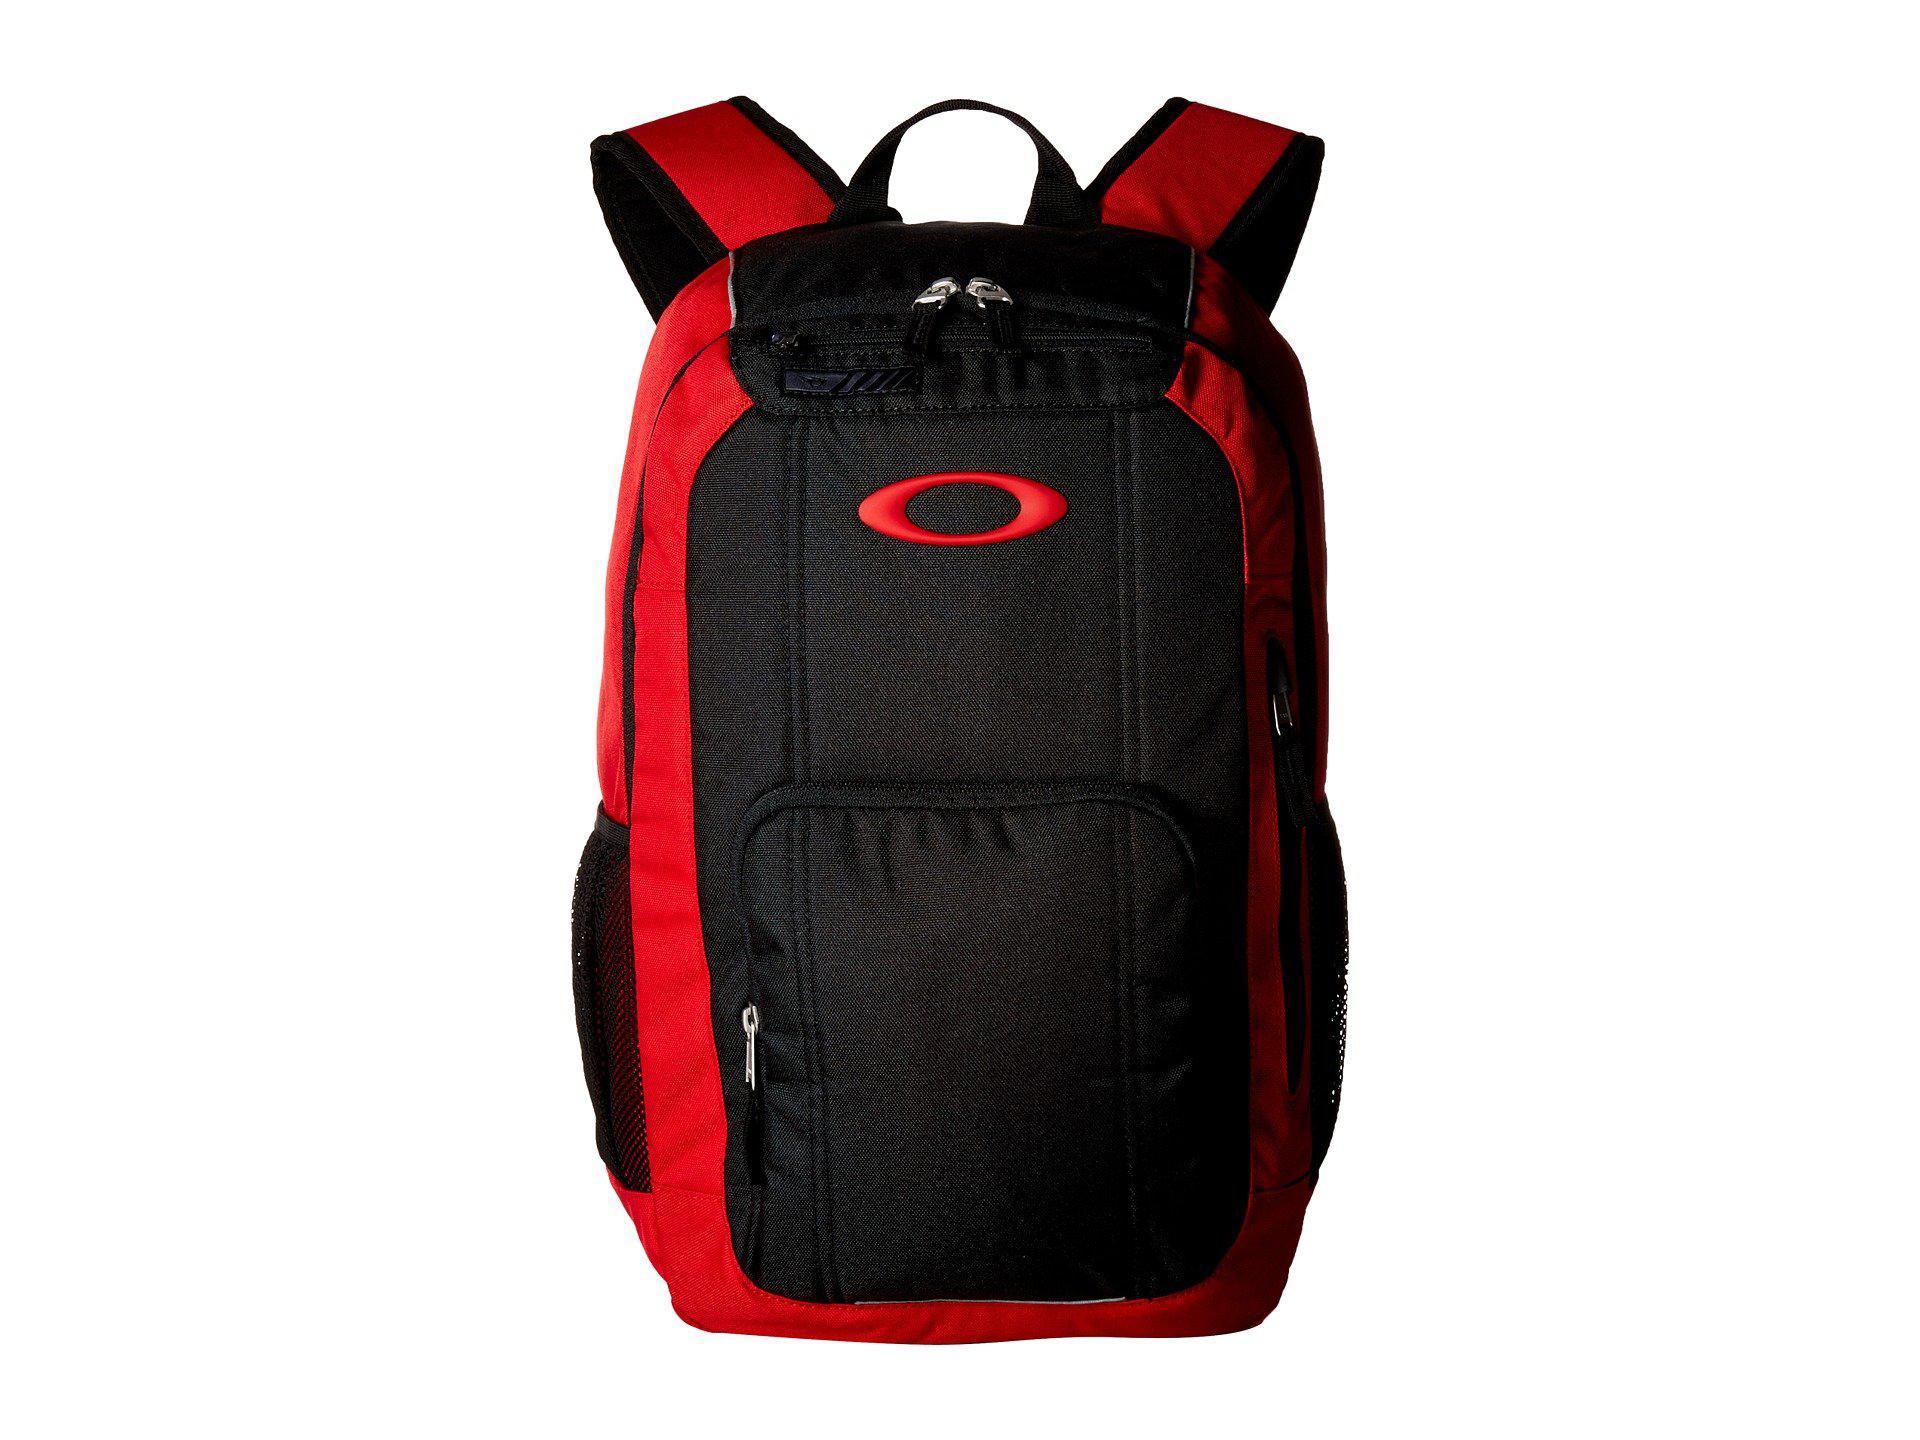 c610d17bd06 Lyst - Oakley Enduro 25l 2.0 in Red for Men